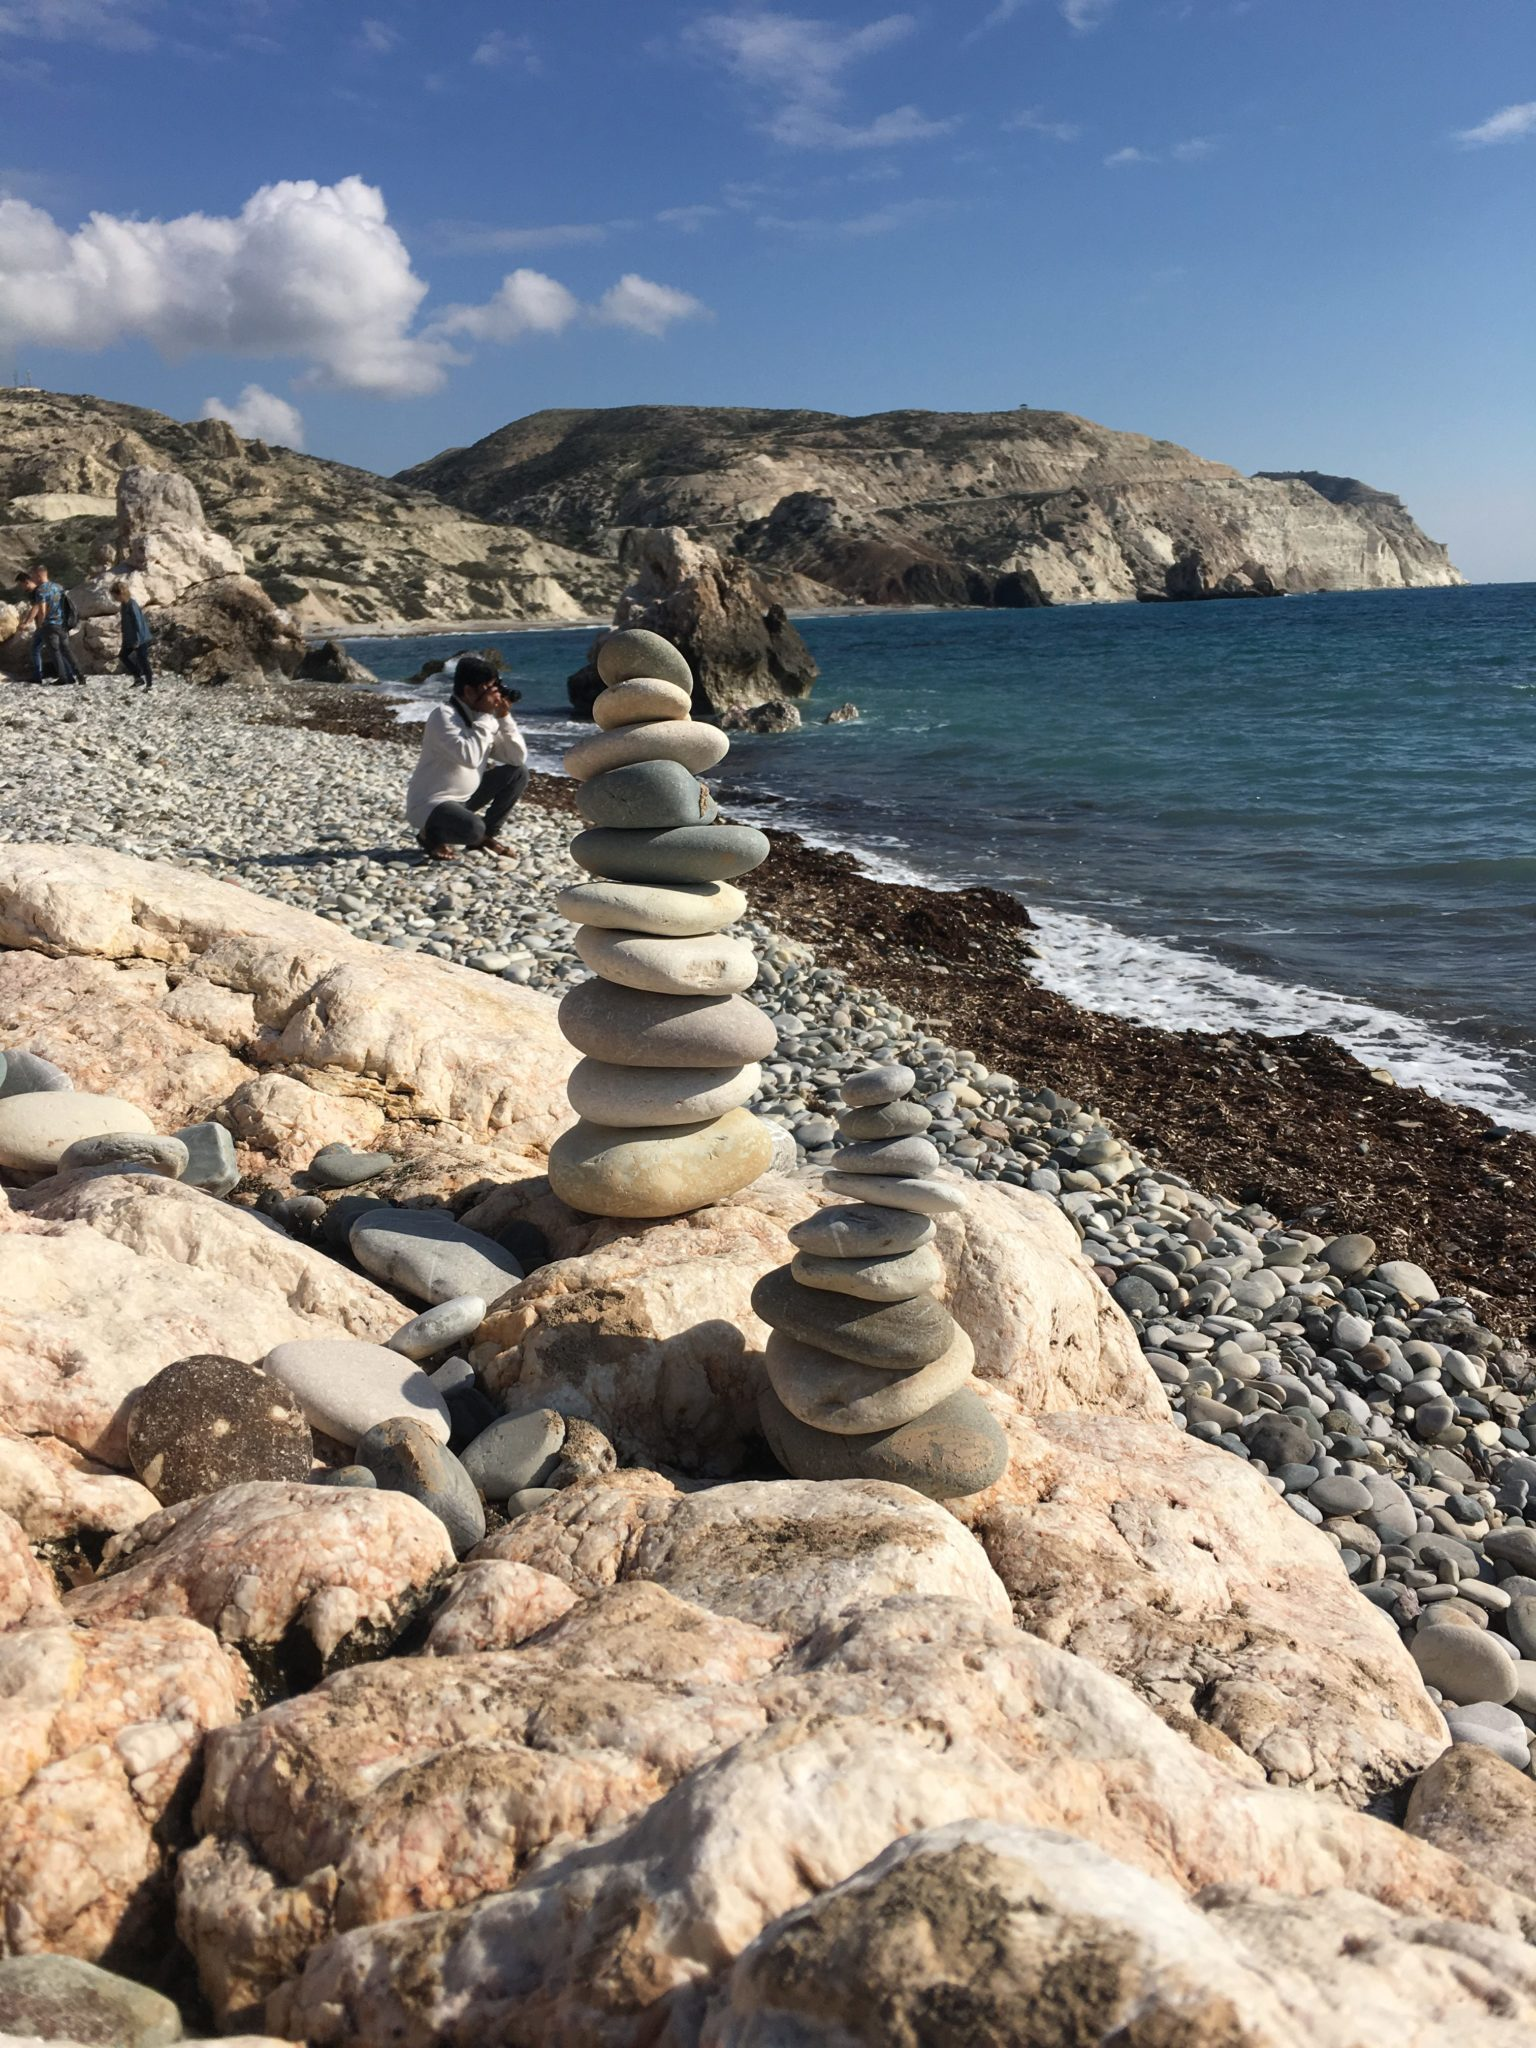 @ Petra tou Romiou: Aphrodite's Rock